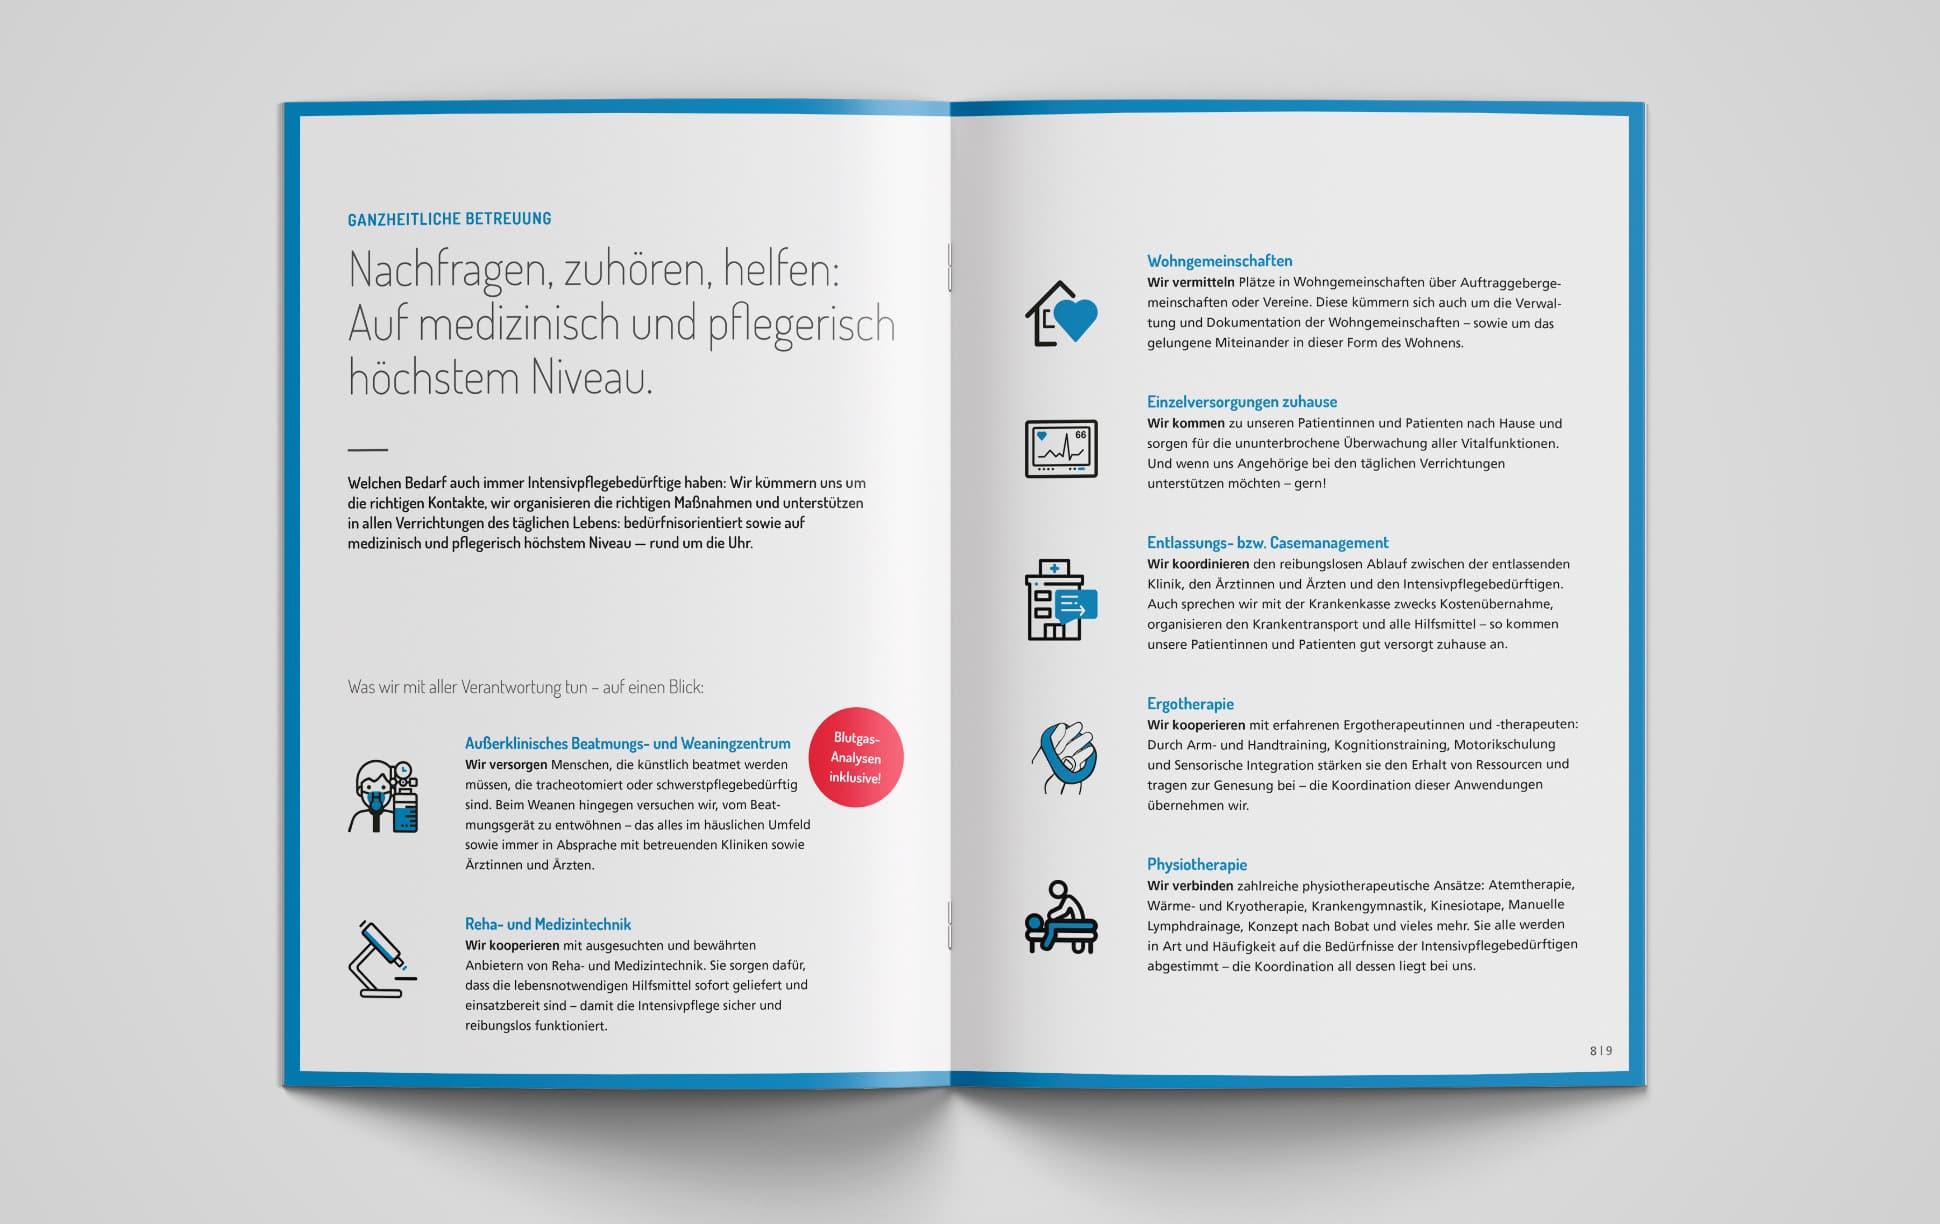 Imagebroschüre der intensivLEBEN GmbH